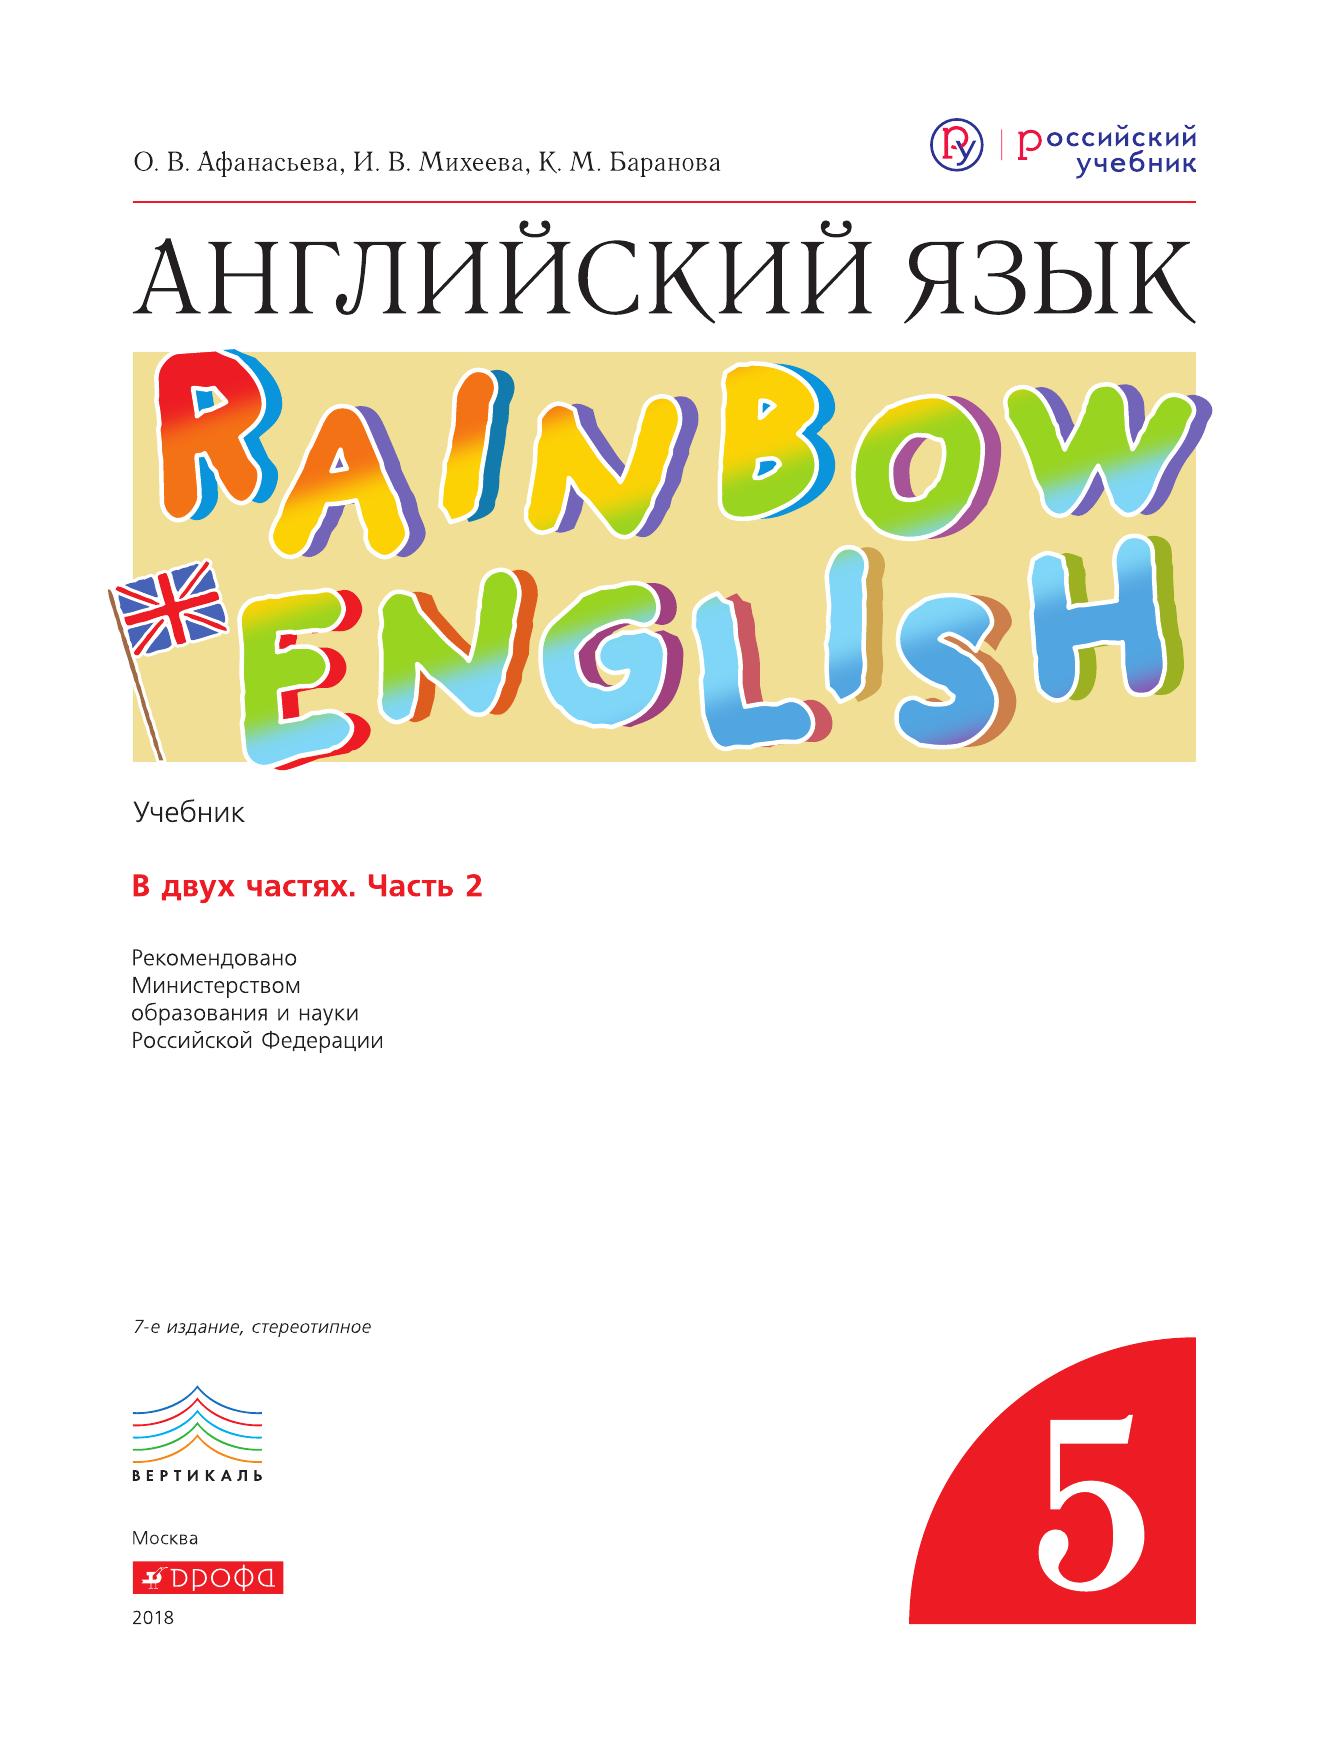 Гдз По Английскому Языку 5 Класс К Учебнику Афанасьевой Михеева Баранова